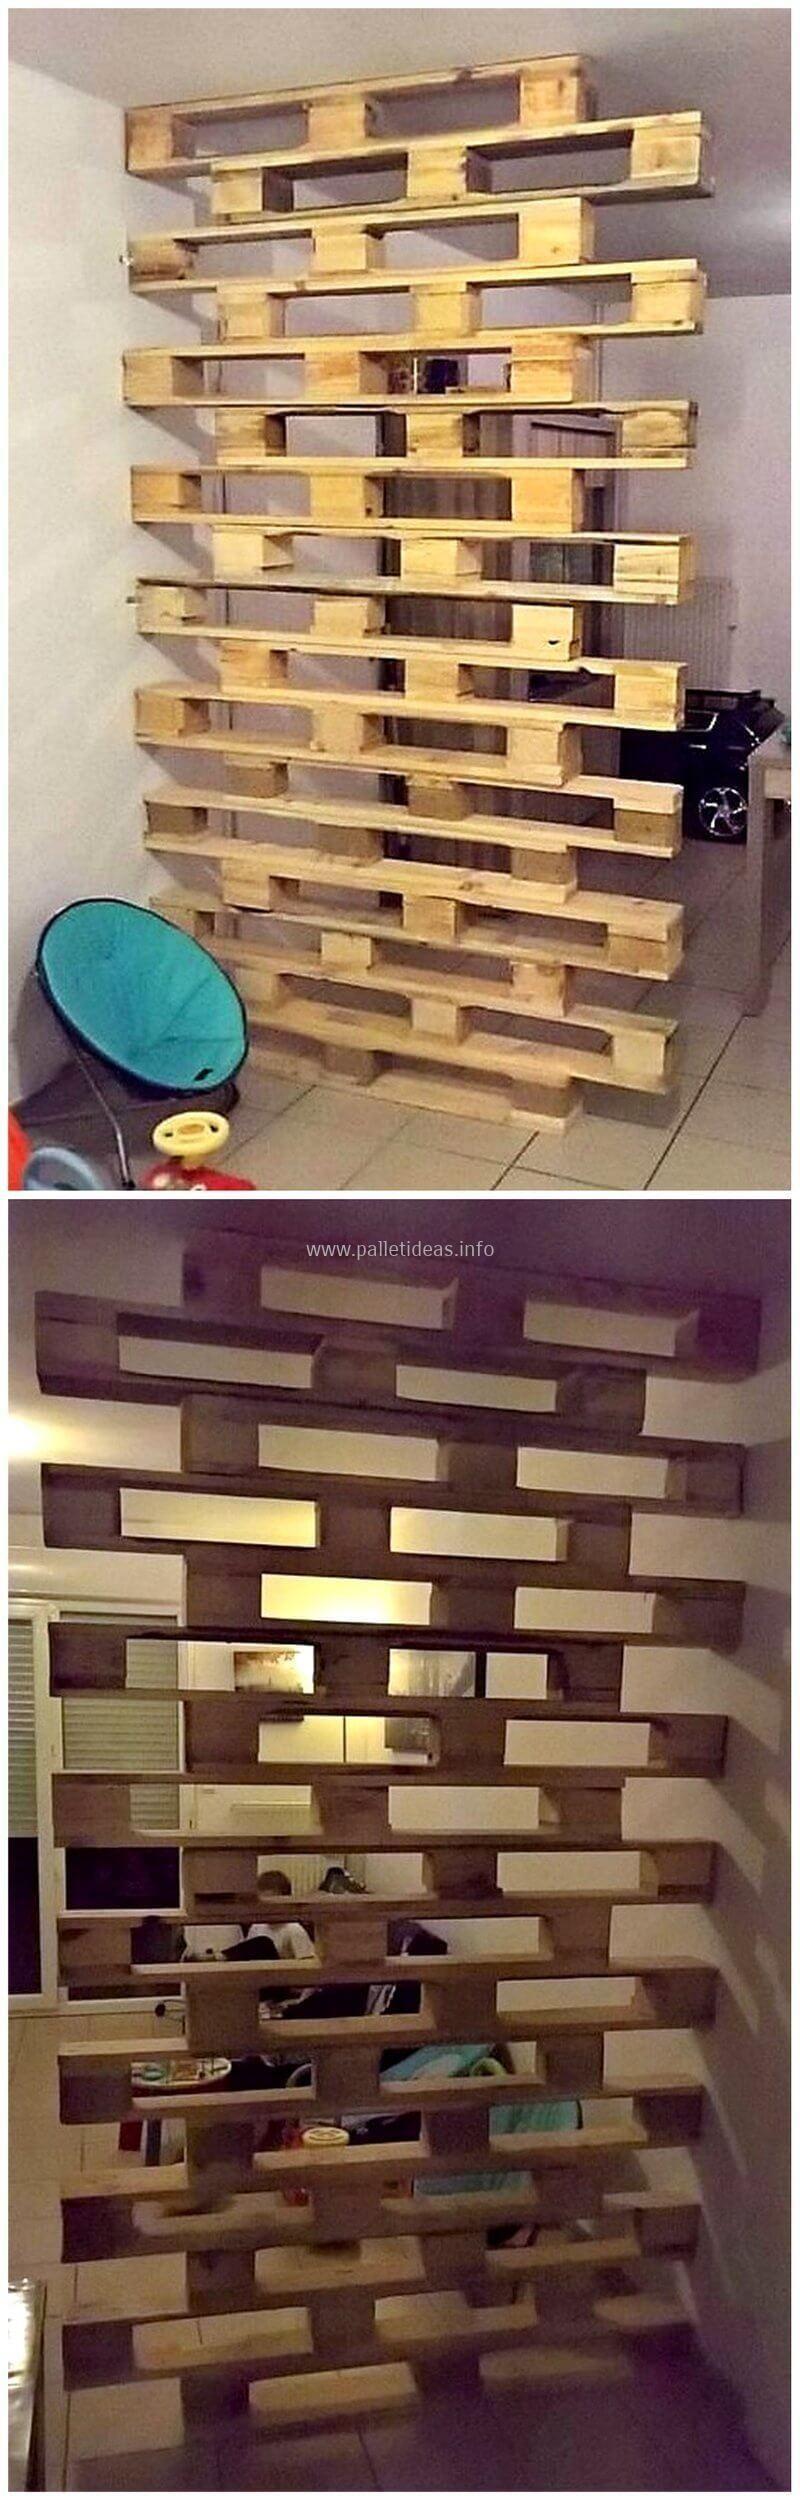 Beliebt Trennwand | Paletten/ Obstkisten | Möbel aus paletten, Haus deko CK09